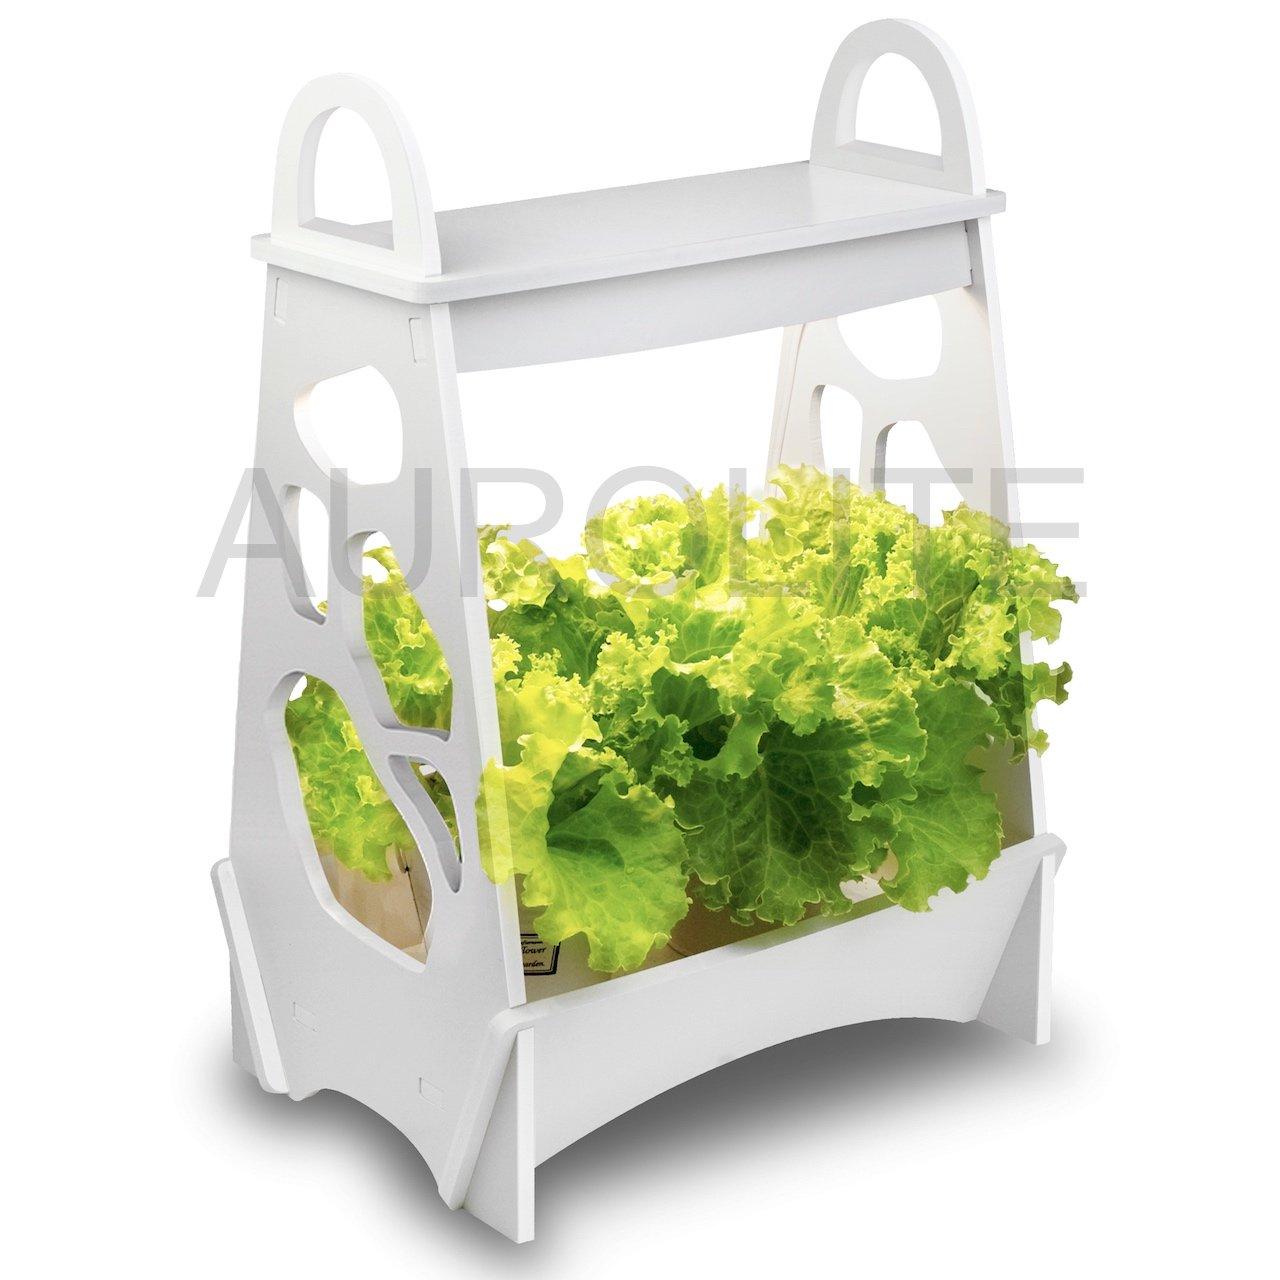 AUROLITE Mini Garden, 14W, LED Plant Grow Light, LED Herb Garden, LED Veg Grow Light, Grow Your Own, 48CM x 13.8CM x 32CM, Ideal for home, office or restaurant (Modern)